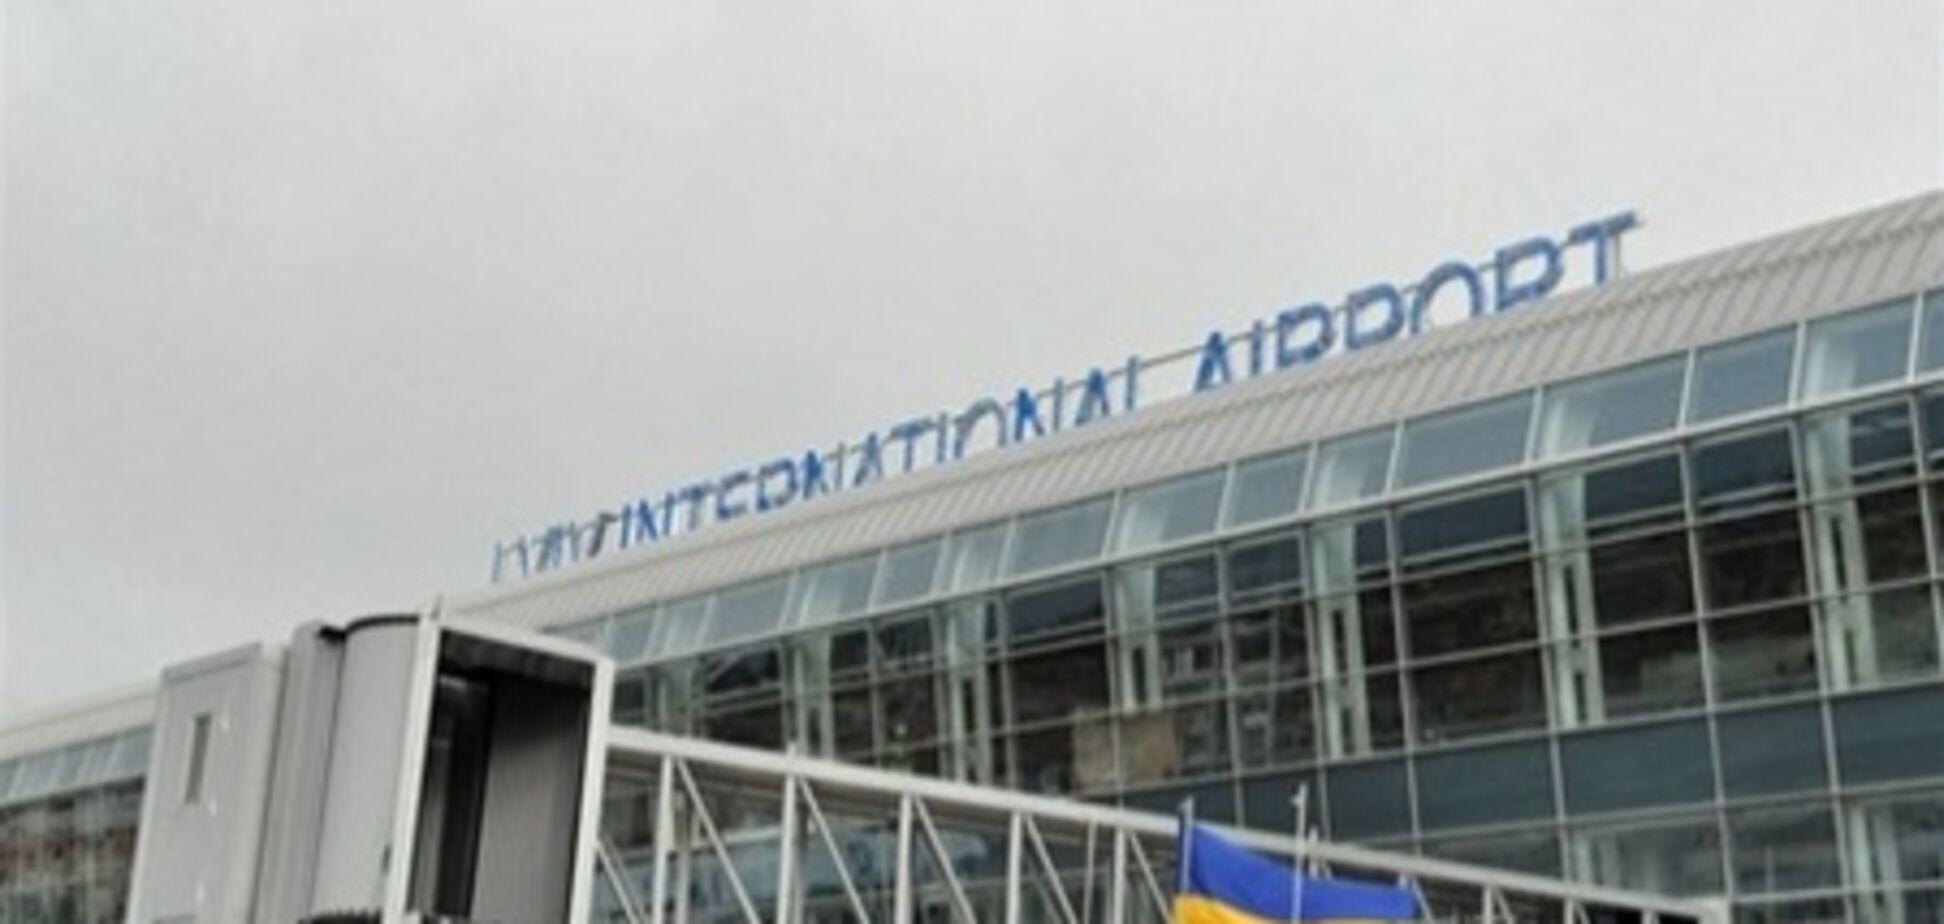 Во Львове подросток 'минировал' аэропорт и ТЦ, чтобы насолить отцу